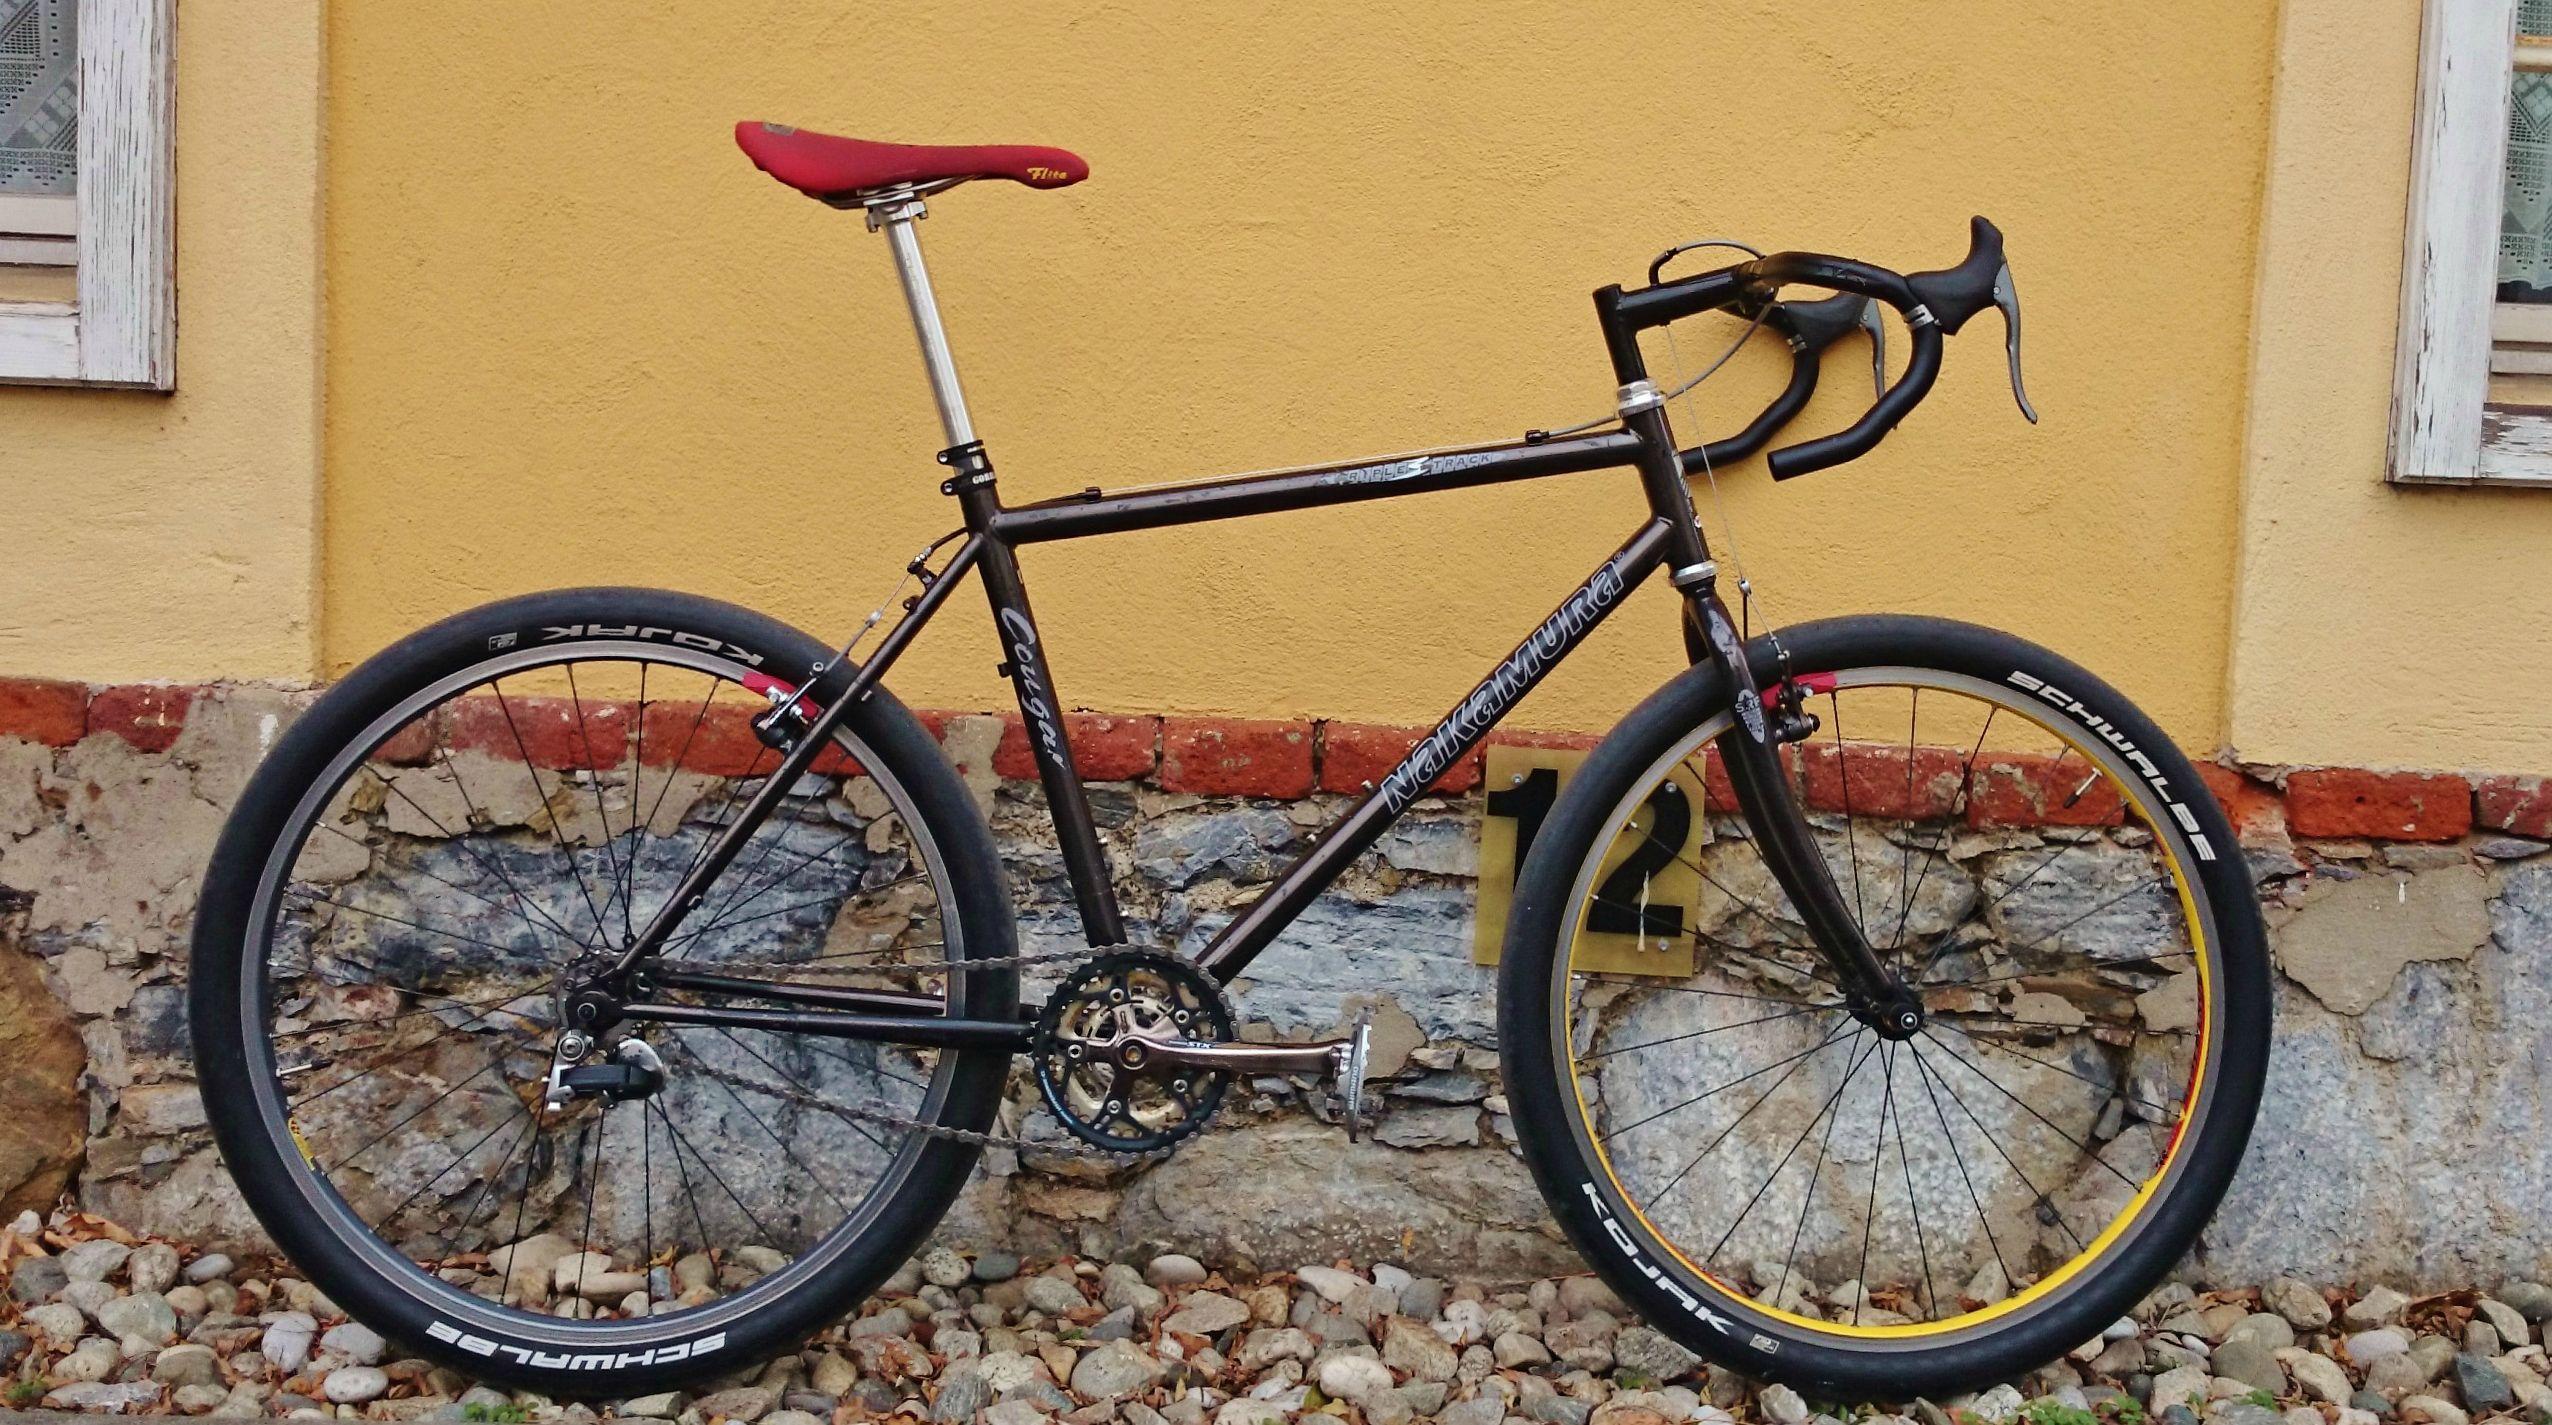 Show Your Vintage Mtb Drop Bar Conversions Page 150 Bike Forums Vintage Mountain Bike Mountain Bike Commuter Commuter Bike